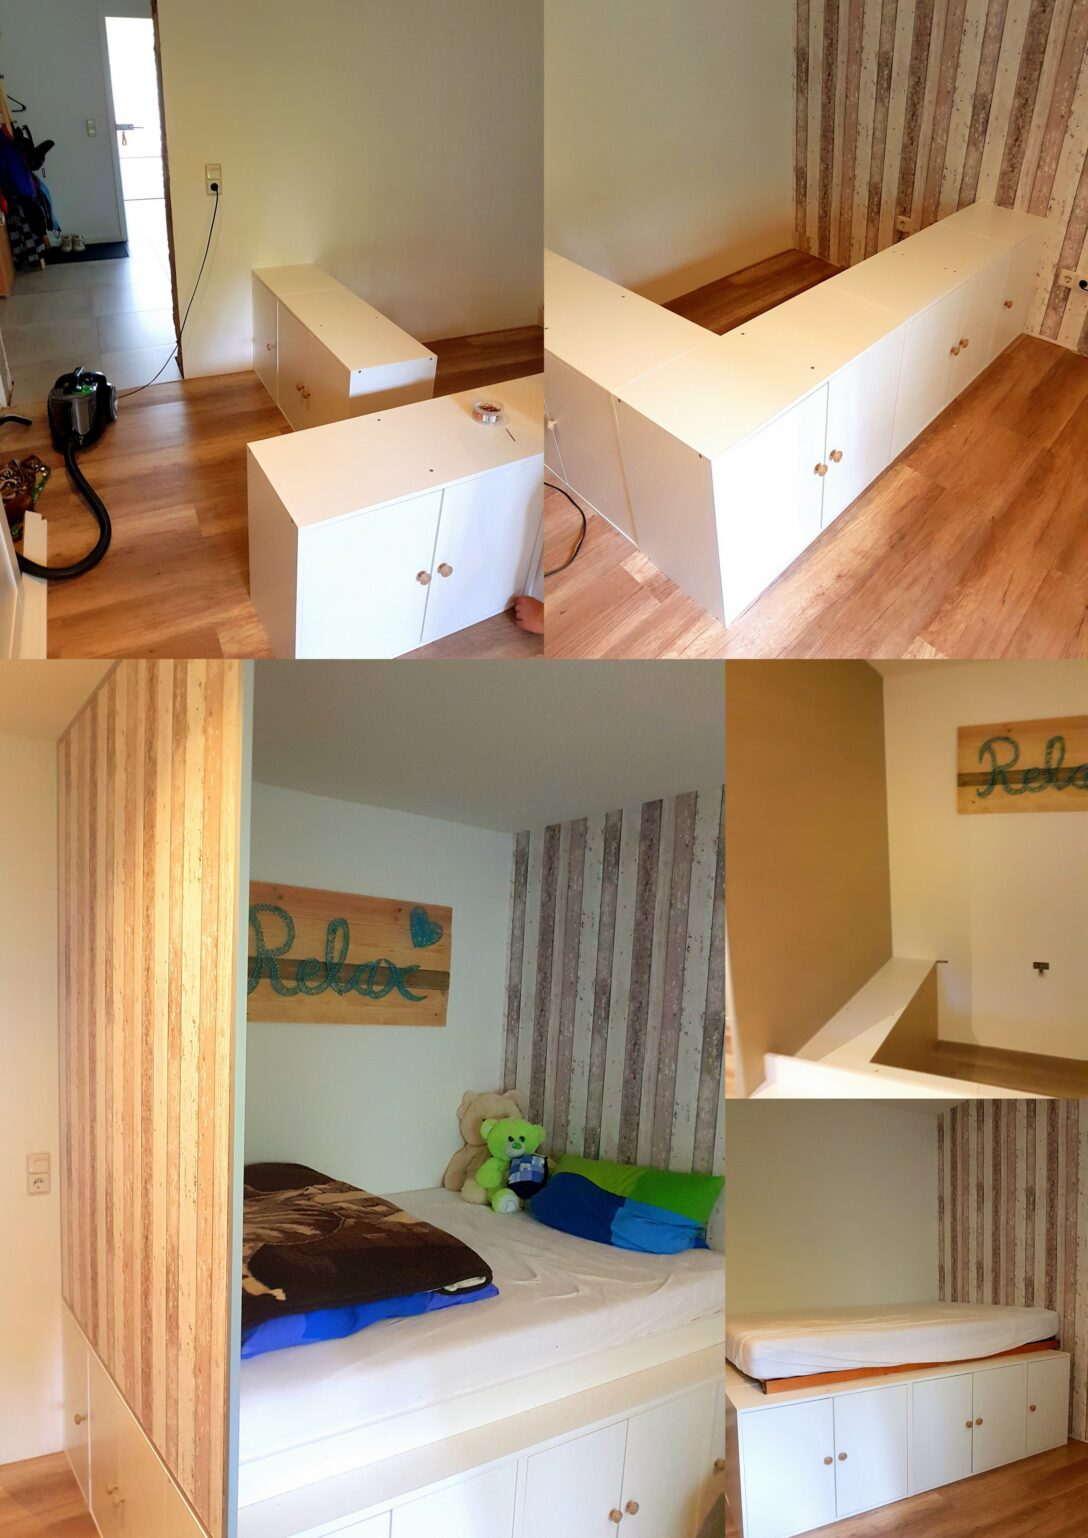 Large Size of Jugendzimmer Ikea Diy Hochbett Mit Kchenschrnken Als Unterbau Miniküche Küche Kosten Sofa Schlaffunktion Kaufen Bett Betten 160x200 Bei Modulküche Wohnzimmer Jugendzimmer Ikea